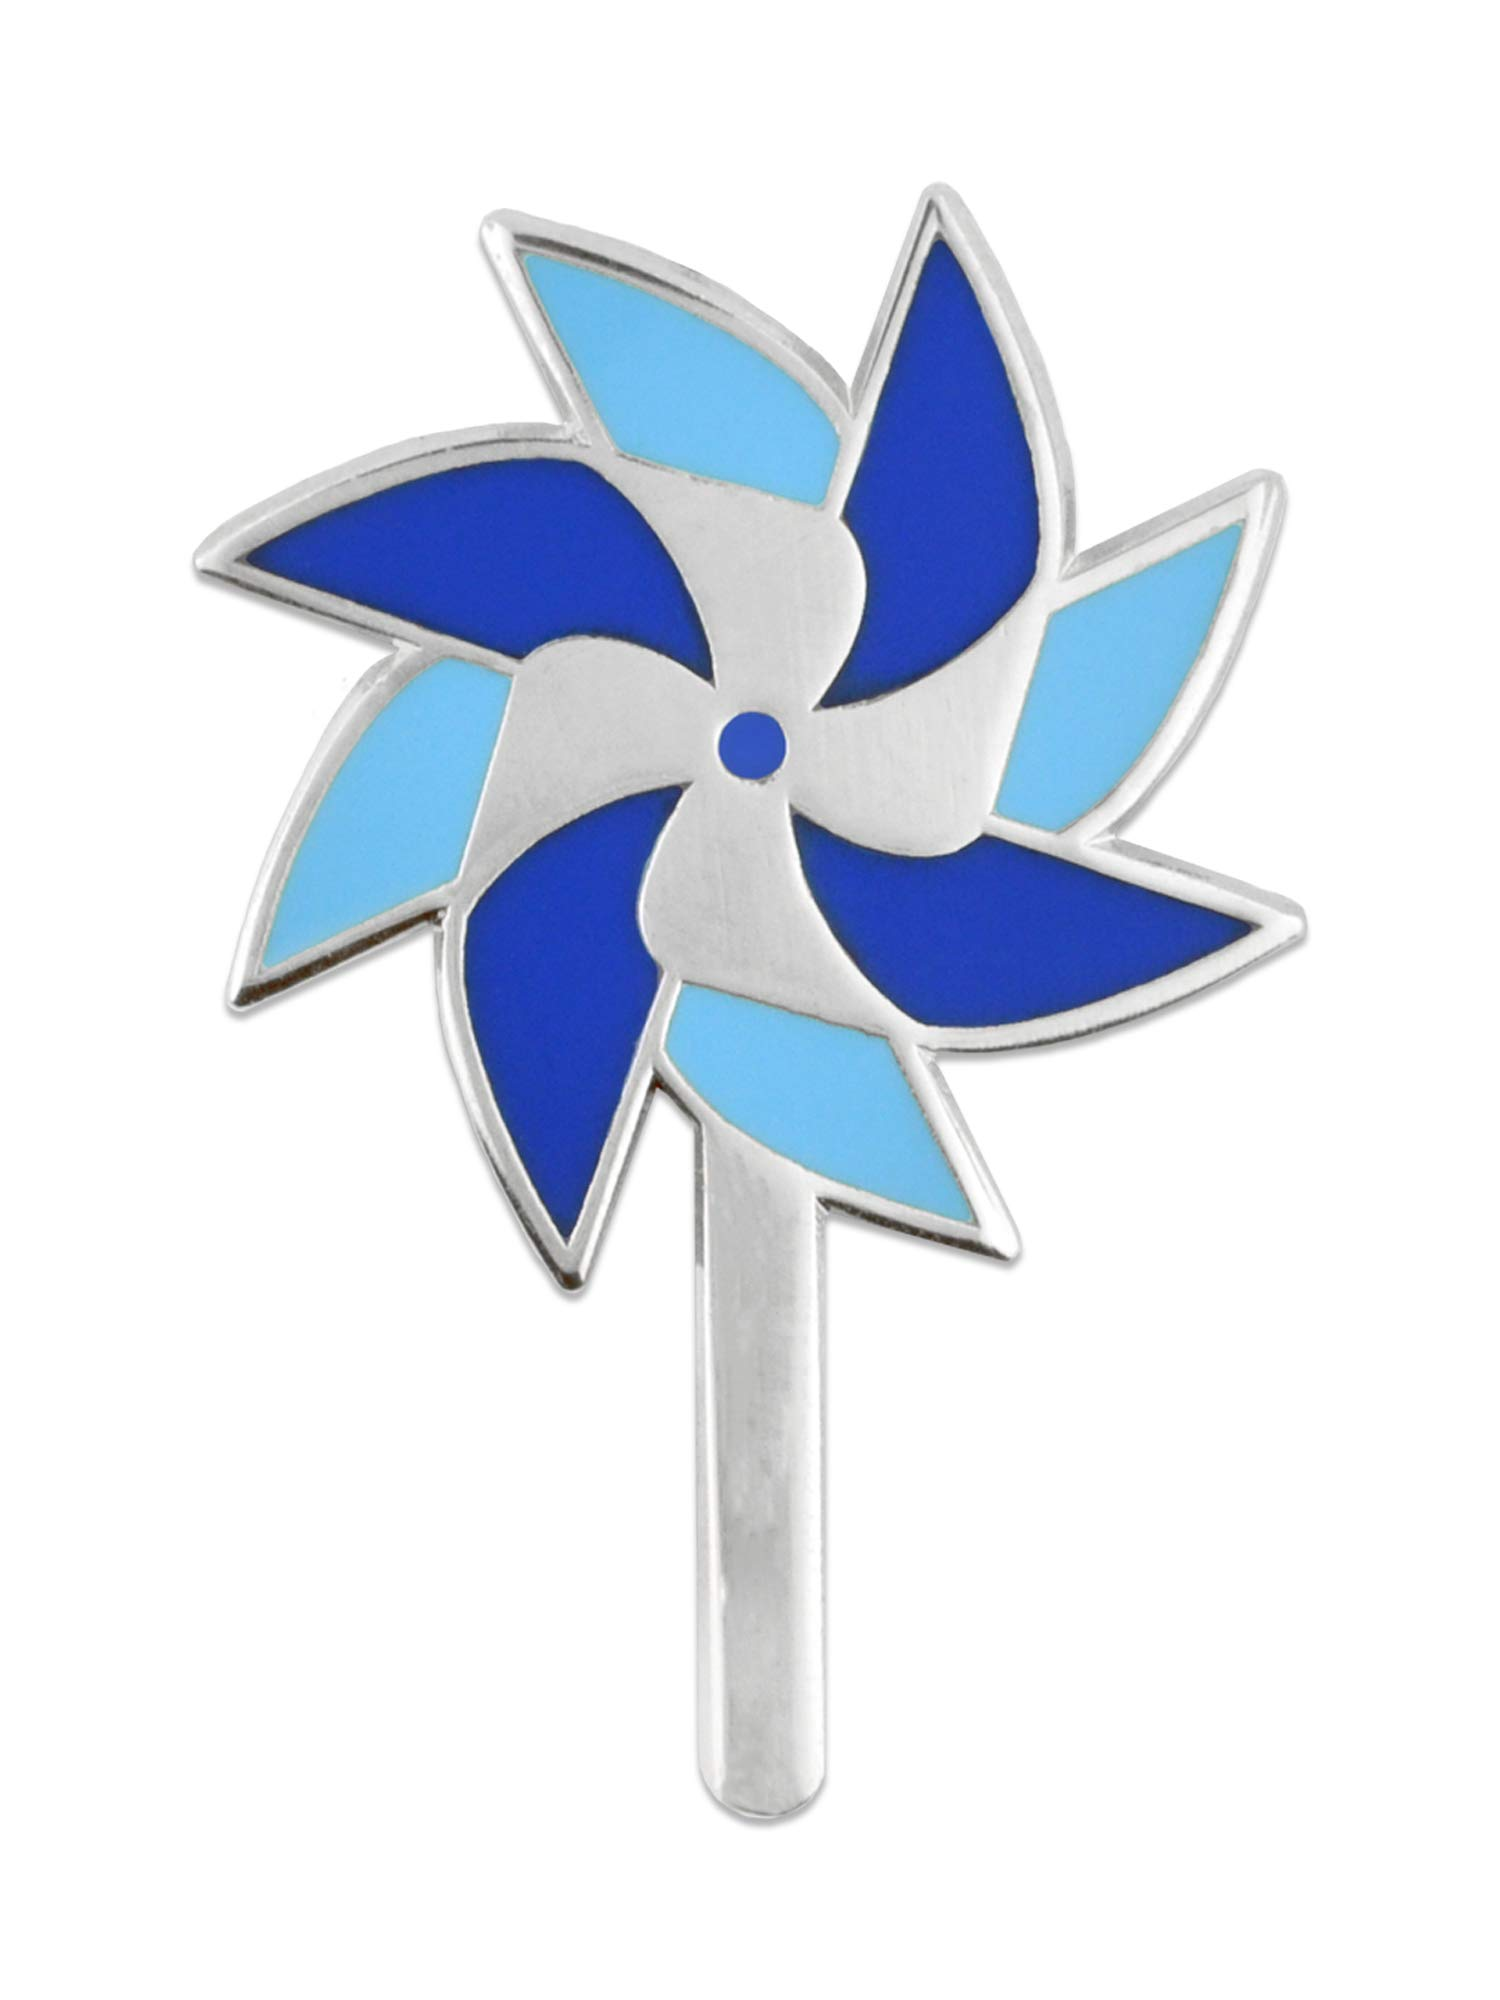 PinMart Child Abuse Awareness Blue Pinwheel Enamel Lapel Pin